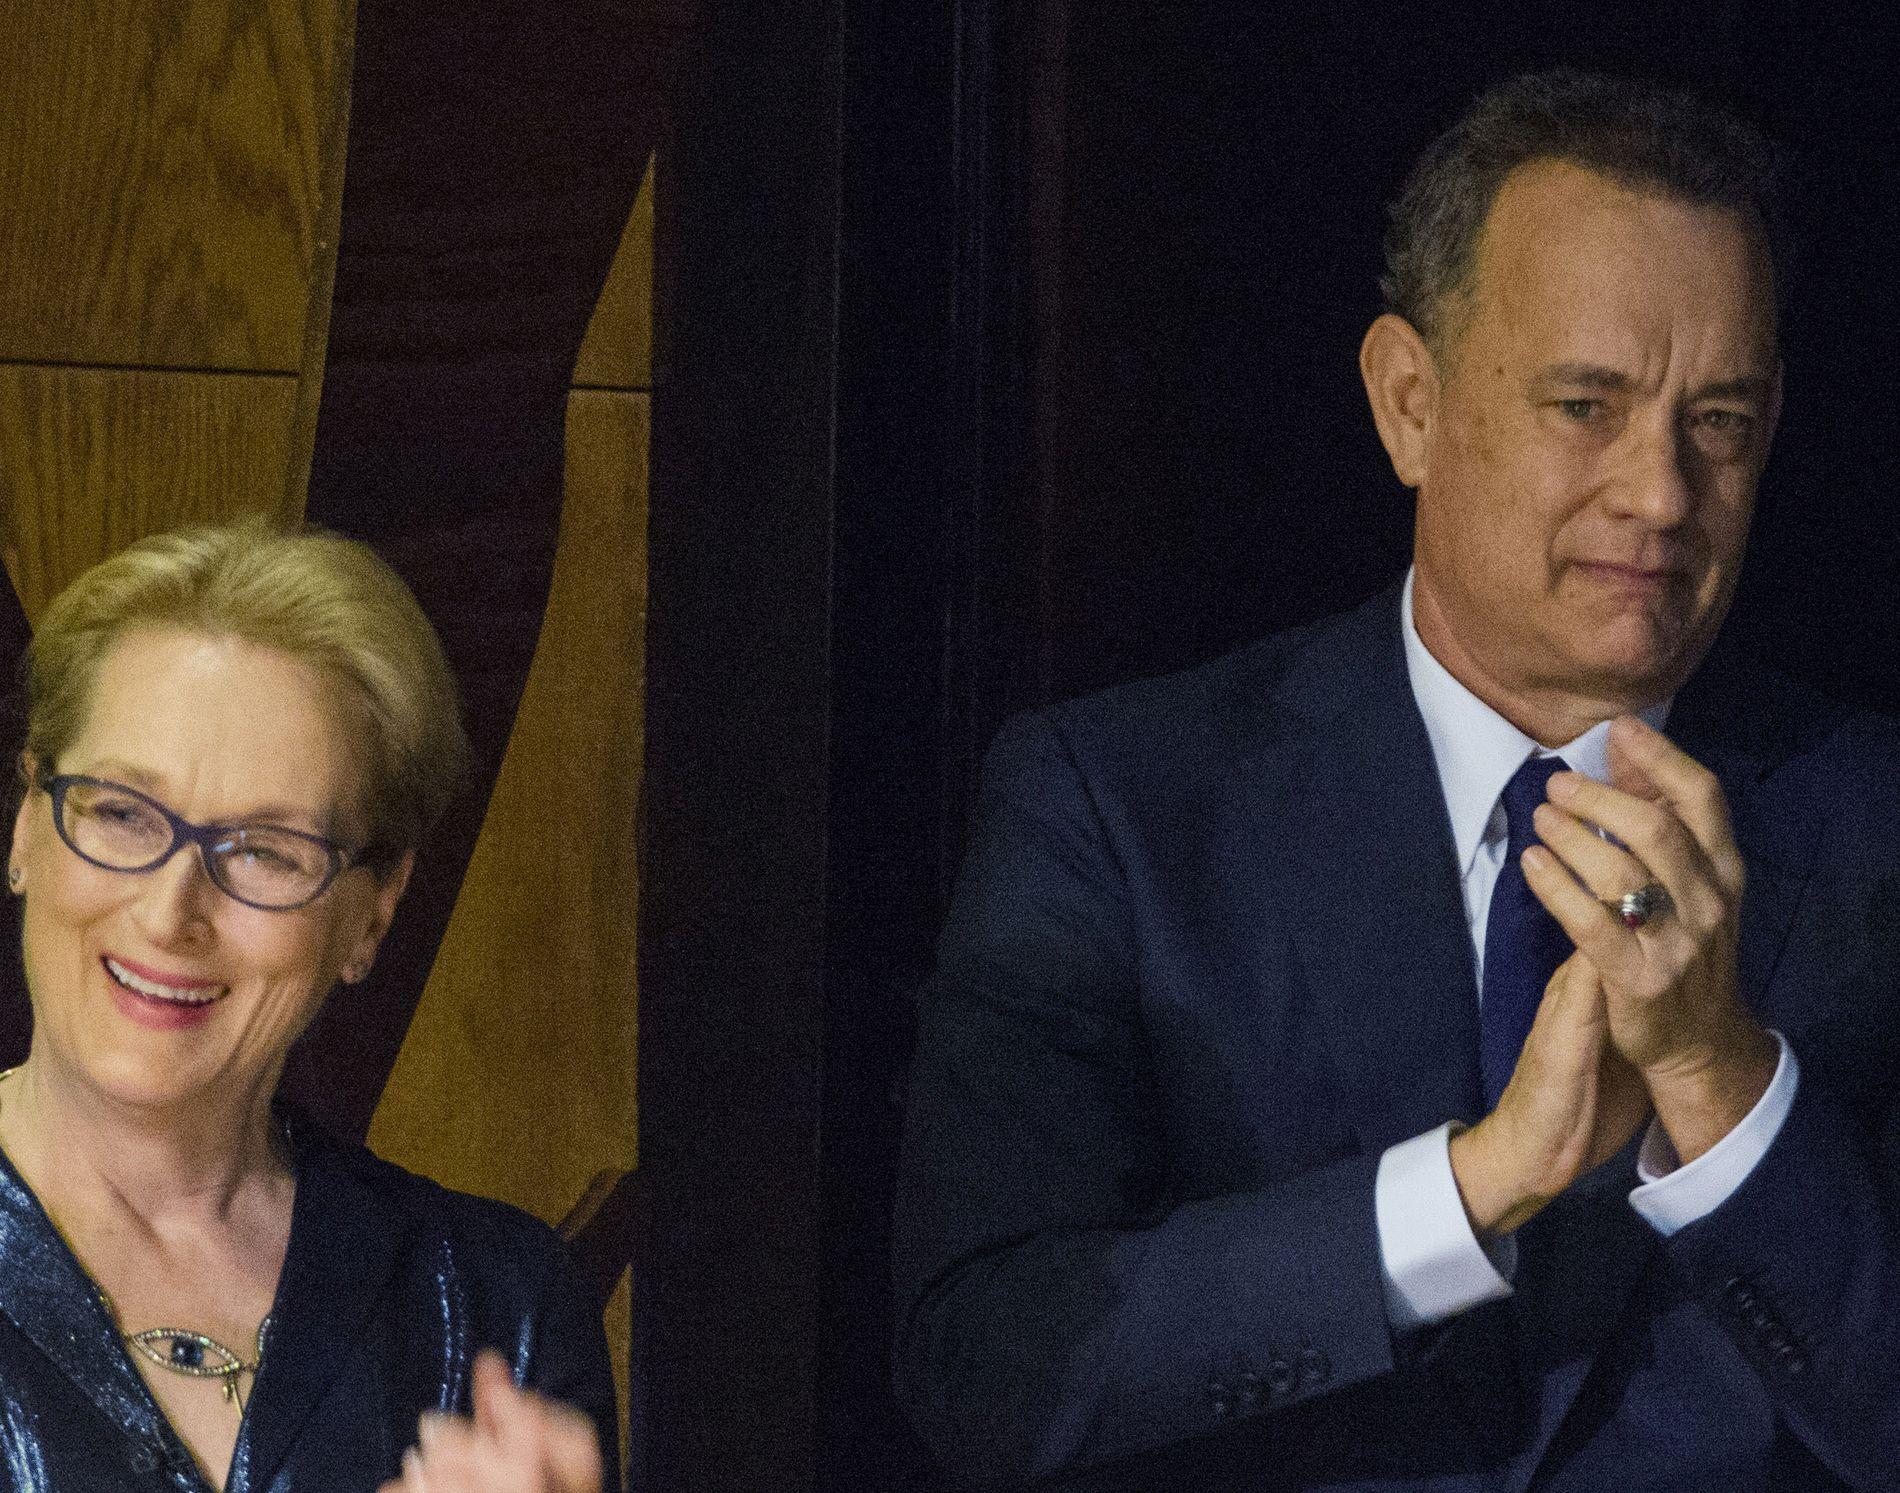 VETERANER: Meryl Streep og Tom Hanks, her på «An Evening of Serious Fun Celebrating the Legacy of Paul Newman» i New York i 2015.